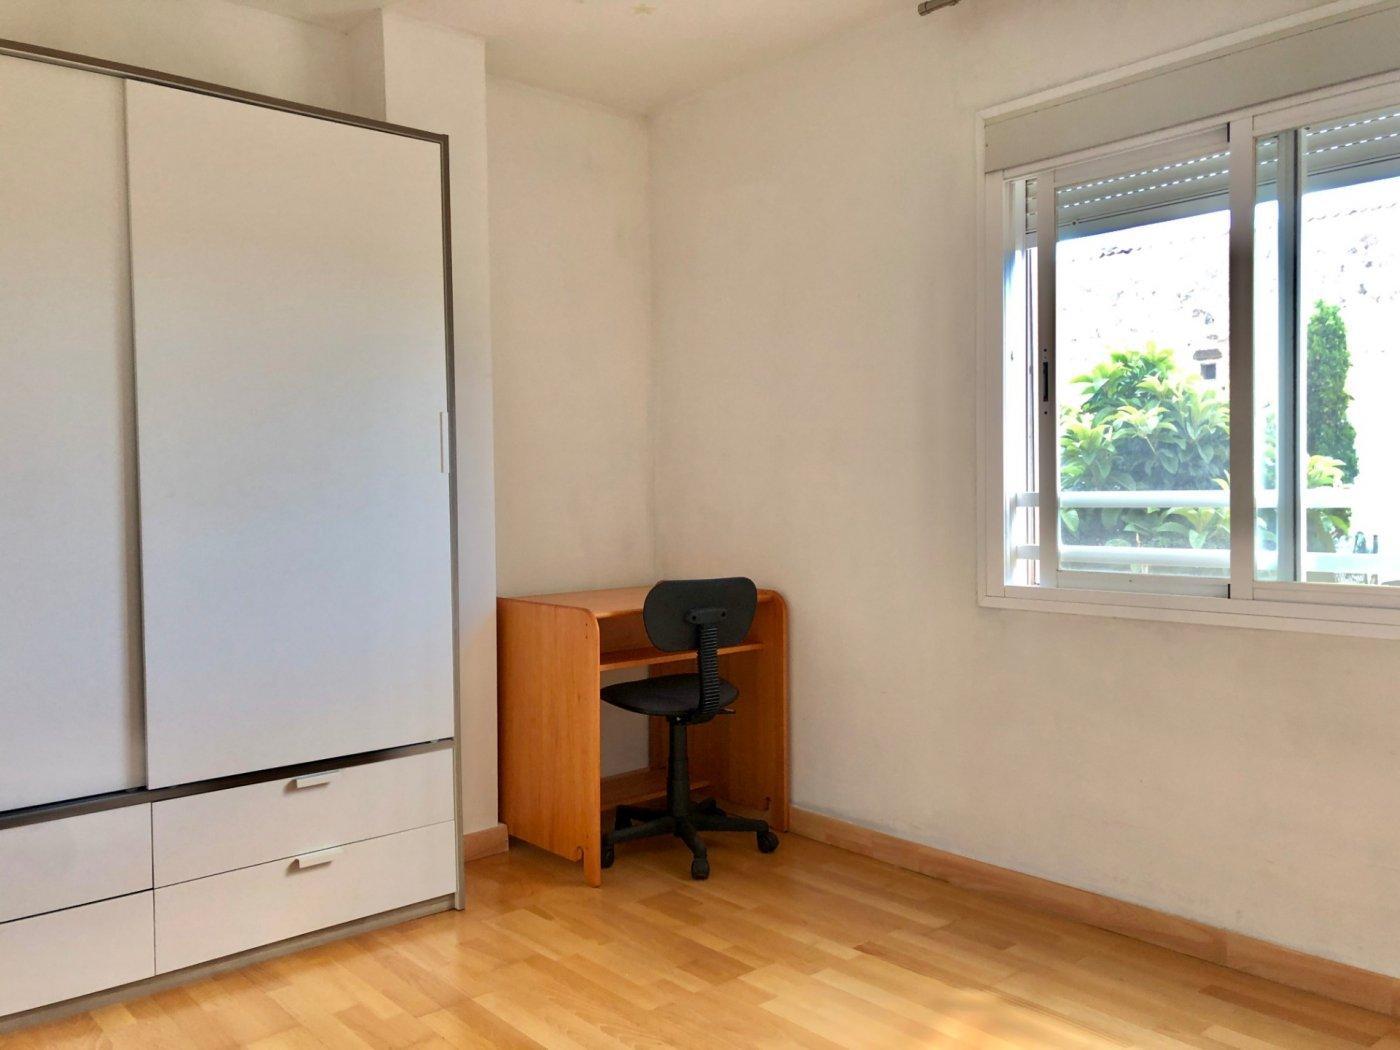 Coqueto piso de 2 dormitorios con plaza de aparcamiento en la vileta - precio: 800?/mes - imagenInmueble9